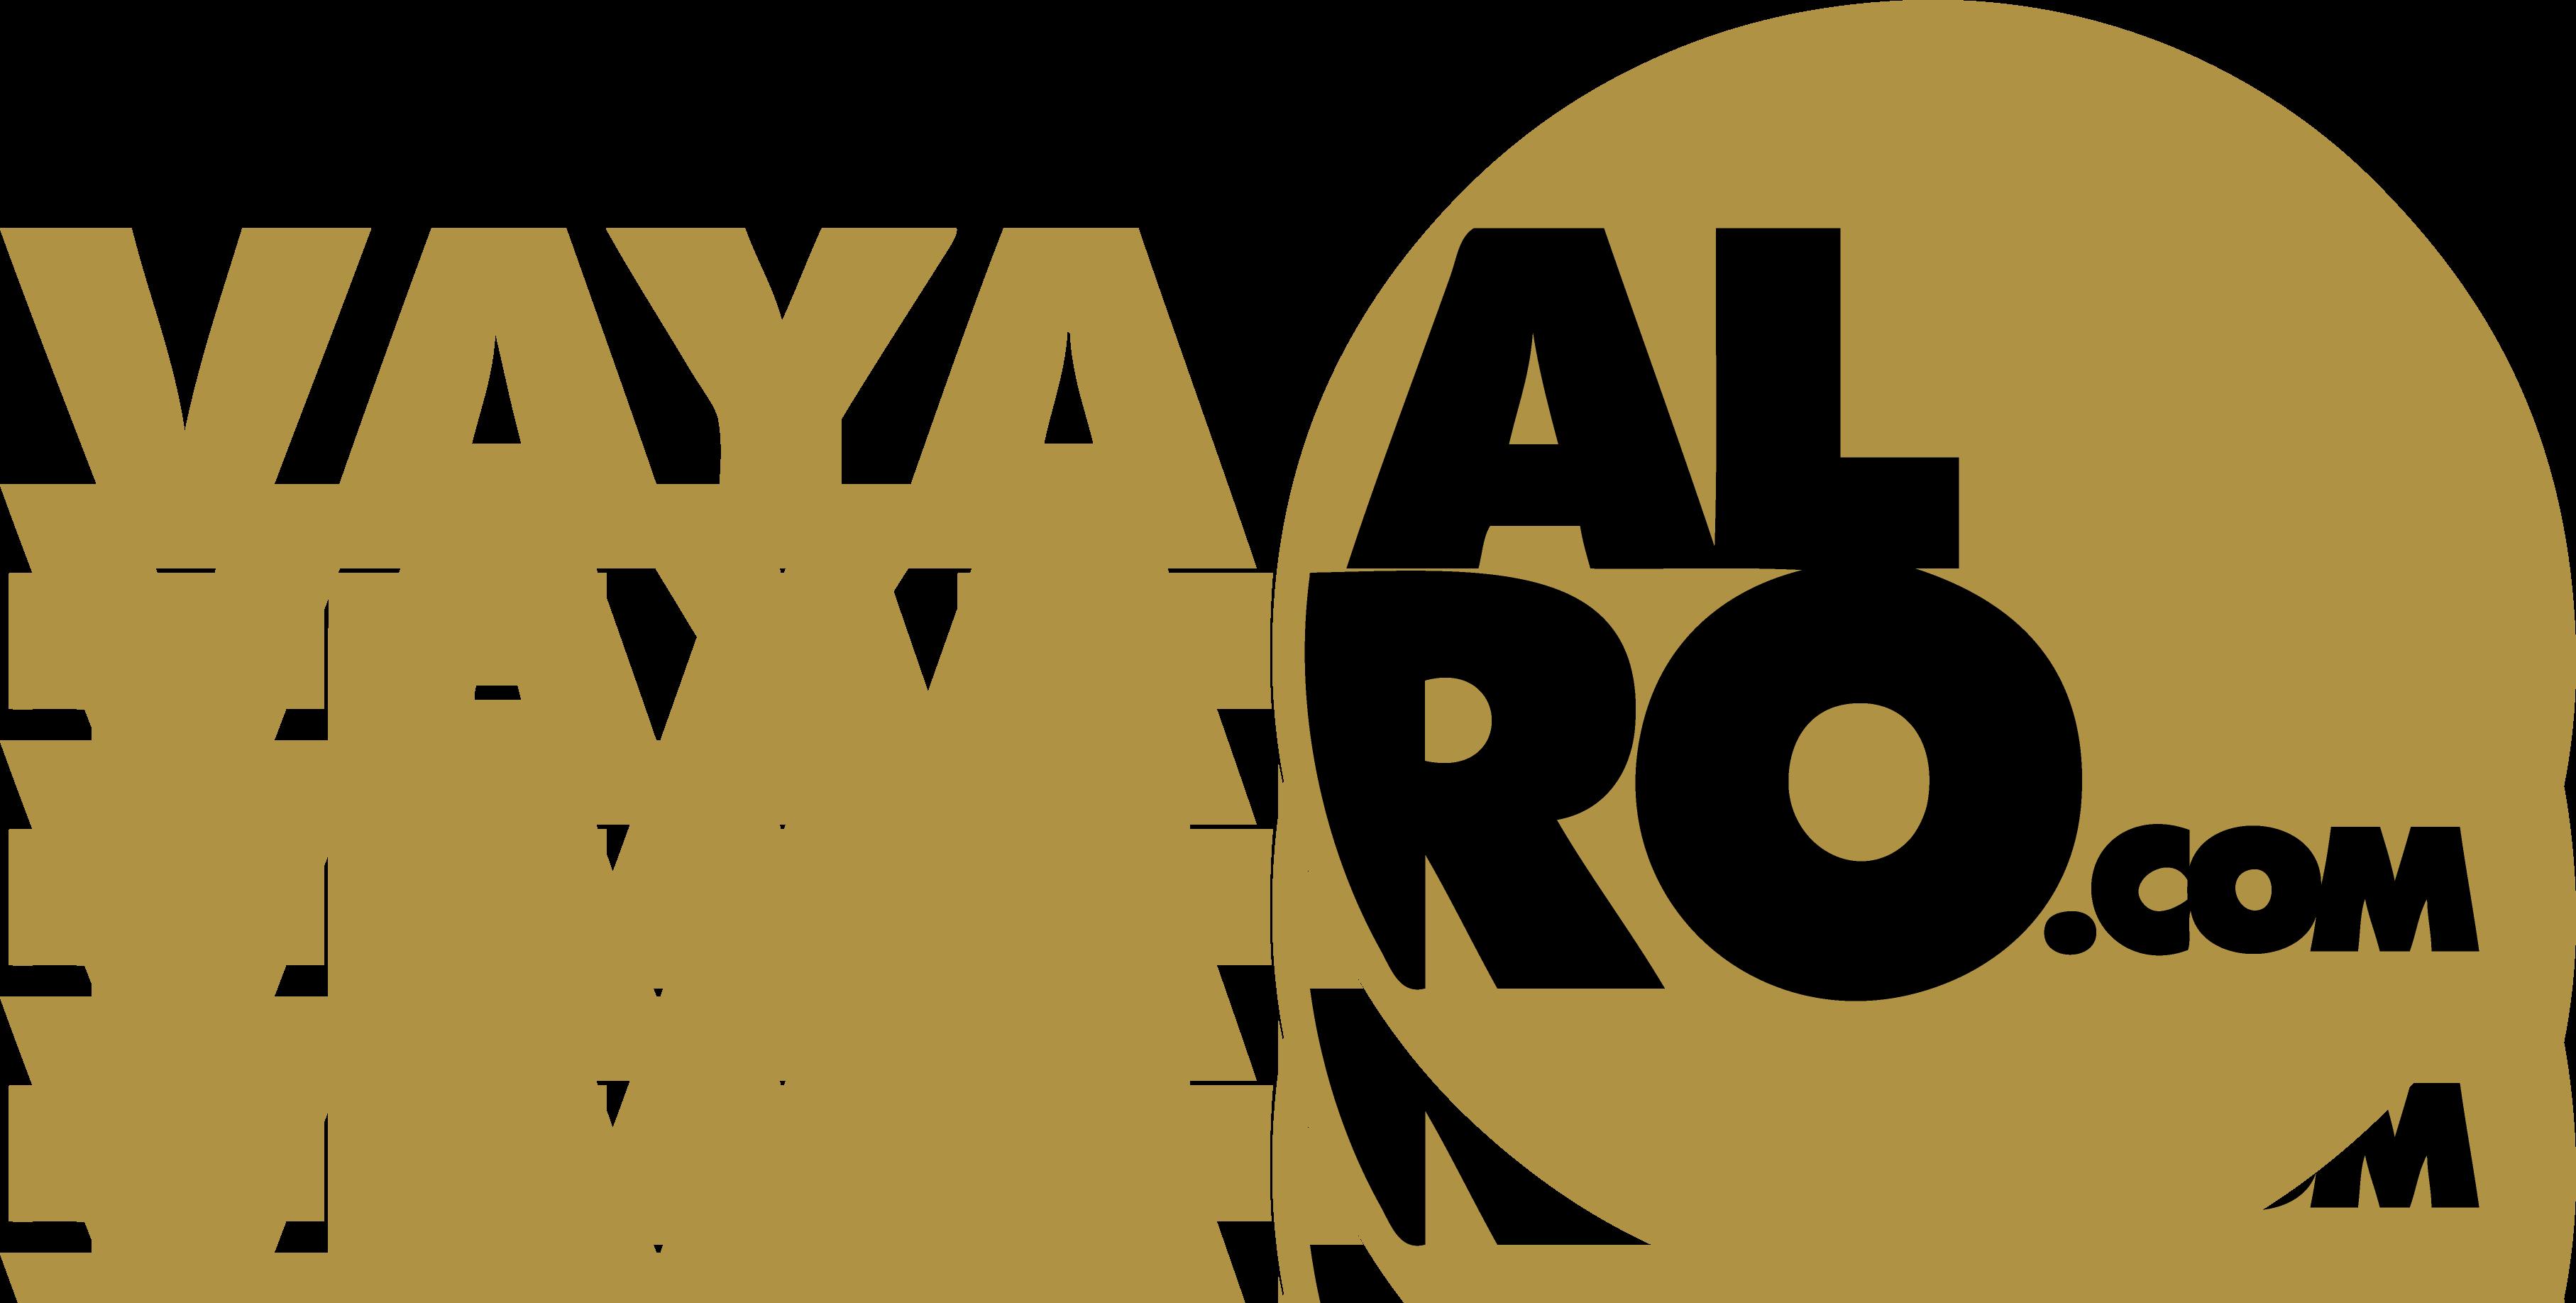 vayaalteatro - Aliados Jorgita Rodríguez